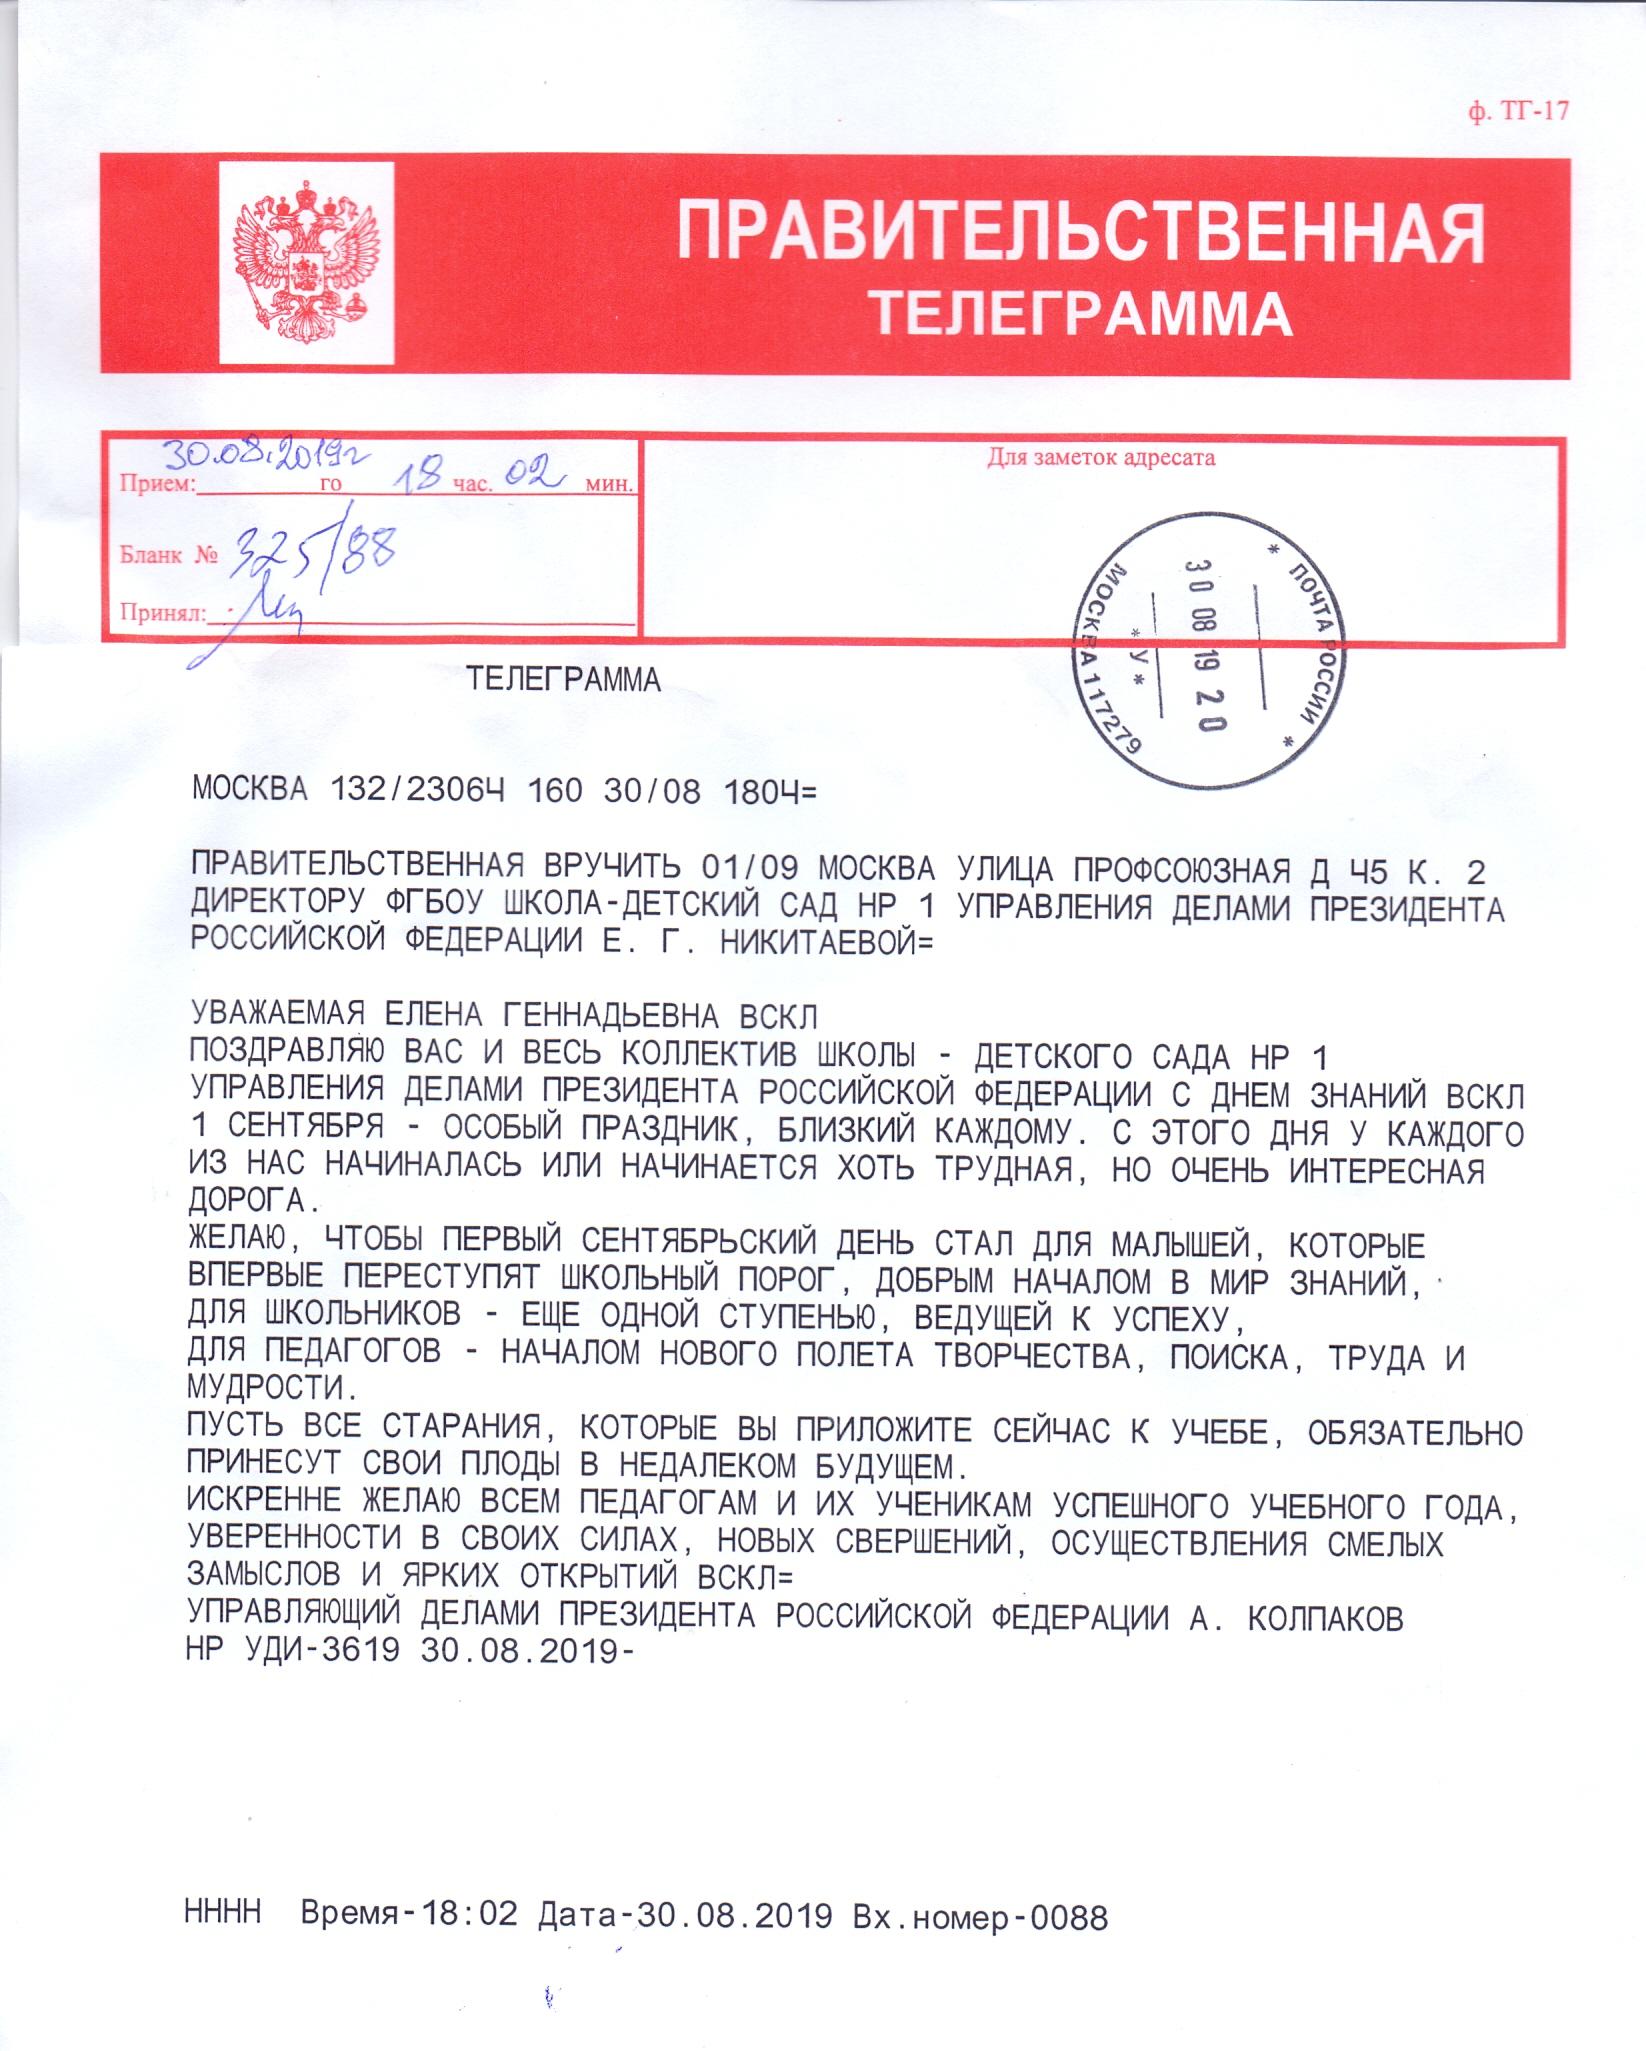 Управляющий делами Президента РФ Колпаков А.С. поздраляет с началом Нового учебного года